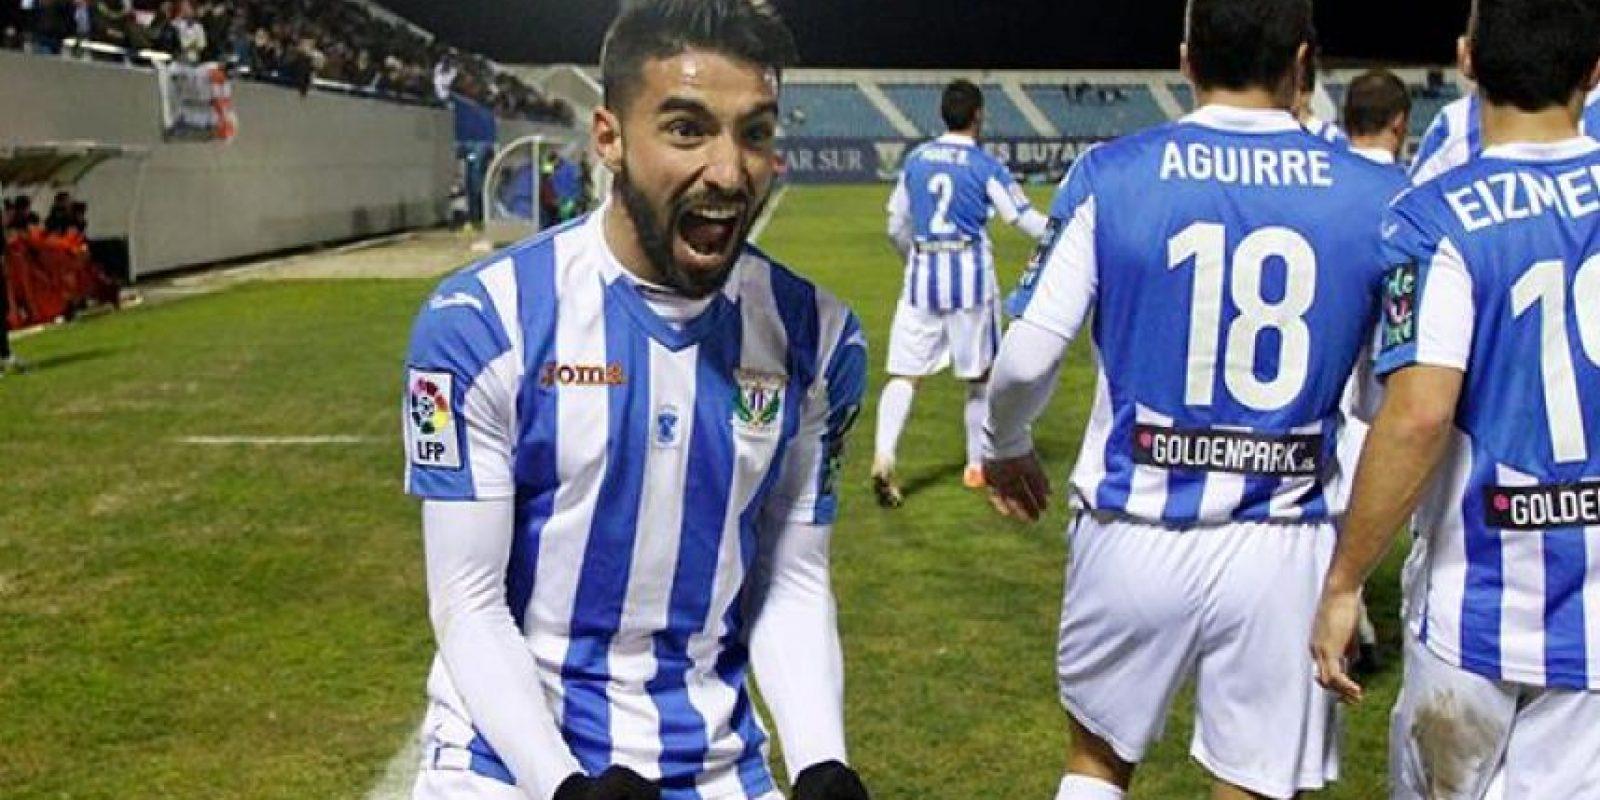 Fue fundado en 1928, pero destacó en el fútbol de España hasta la década de los 90. Foto:Vía facebook.com/ClubDeportivoLeganes